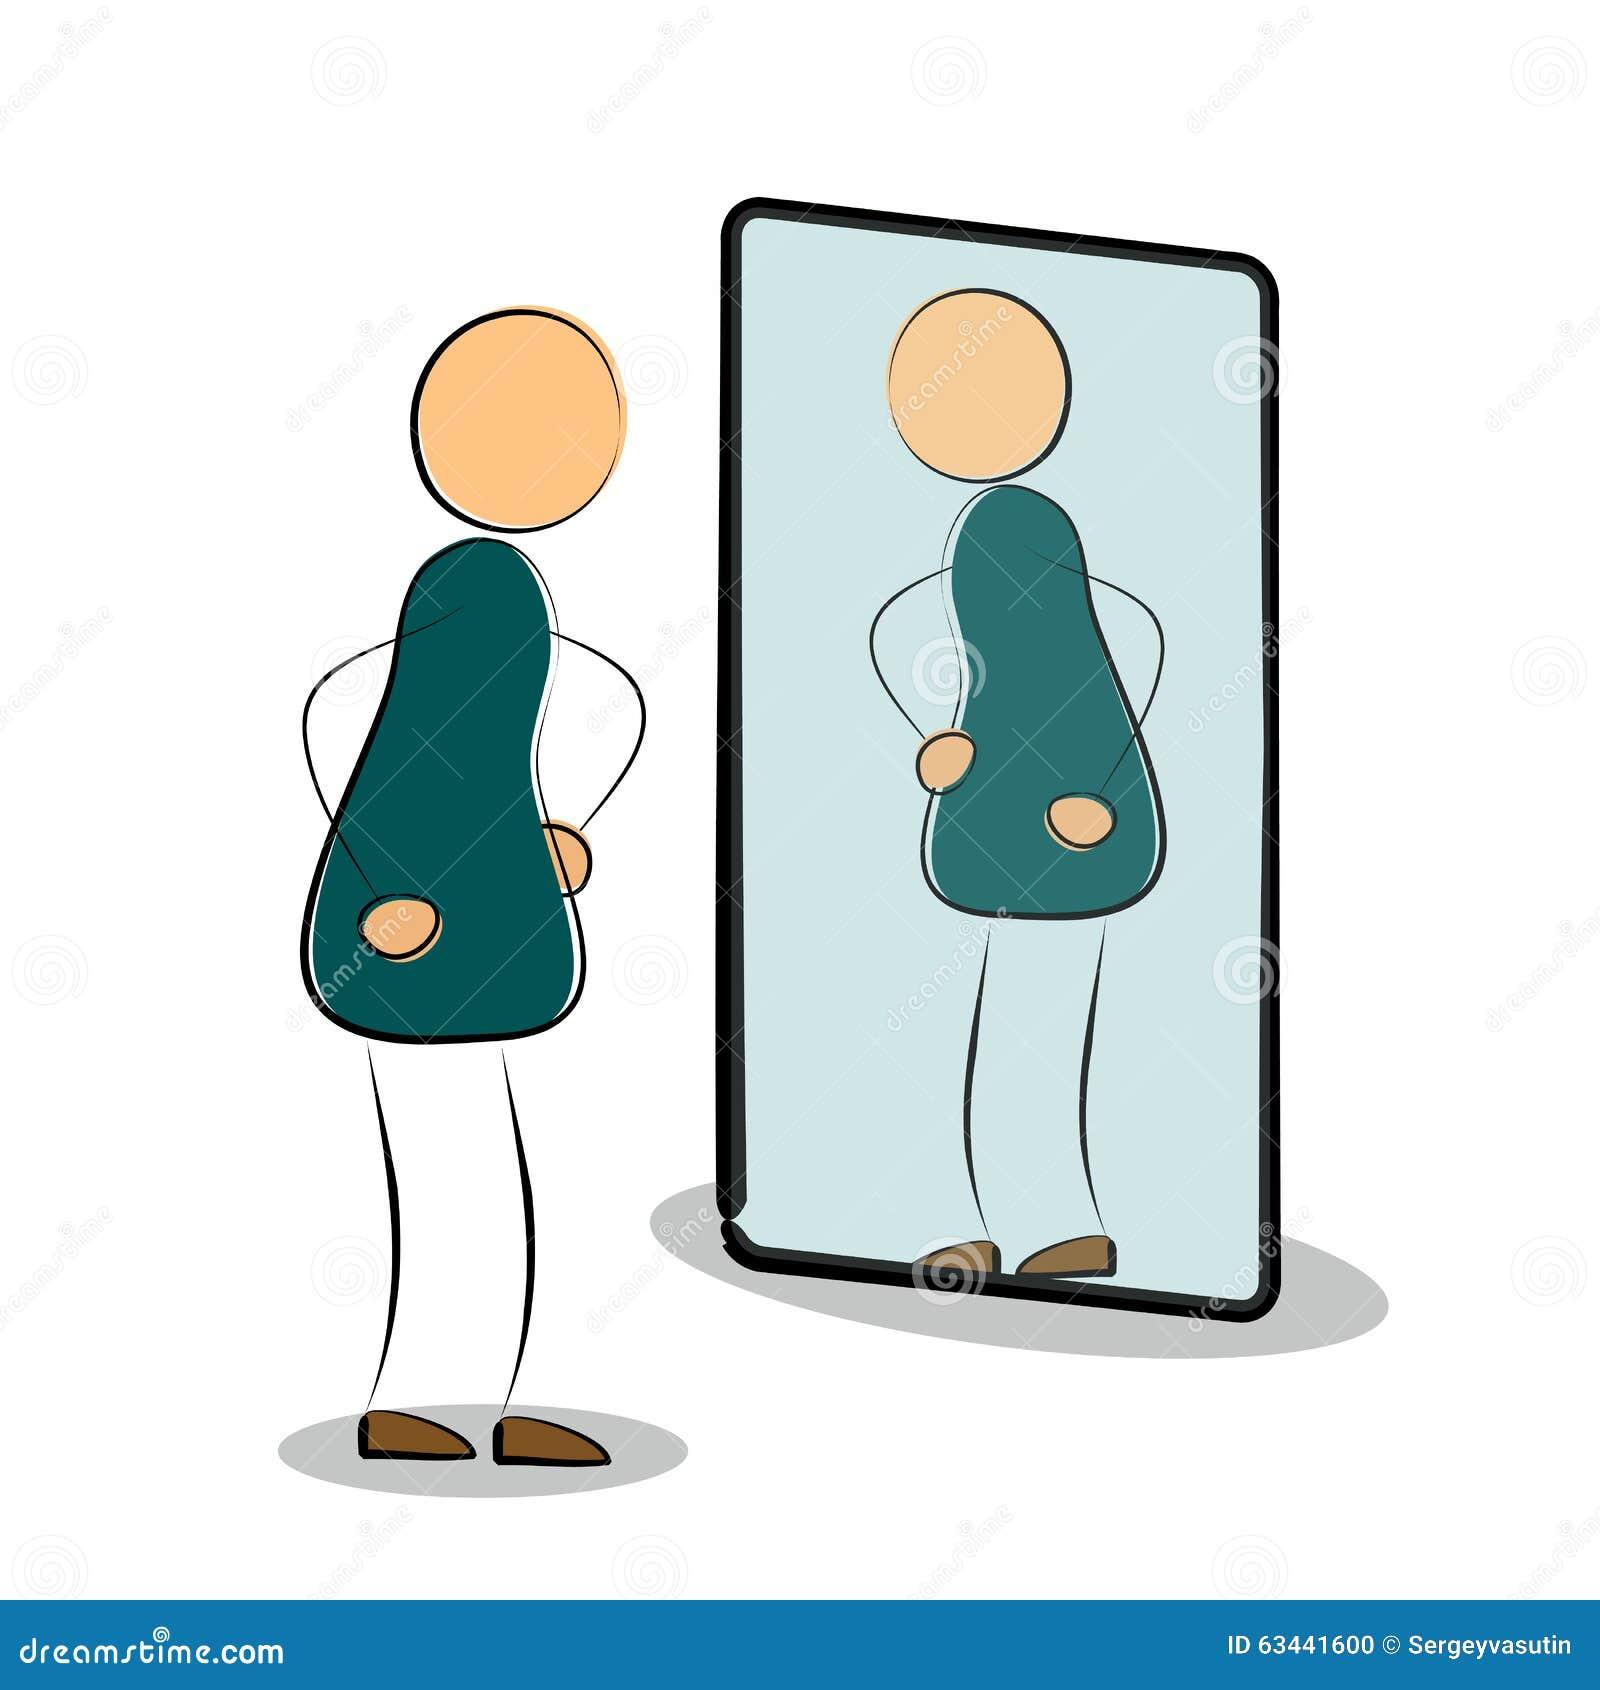 L 39 homme voient sa r flexion dans le miroir illustration for Regard dans le miroir